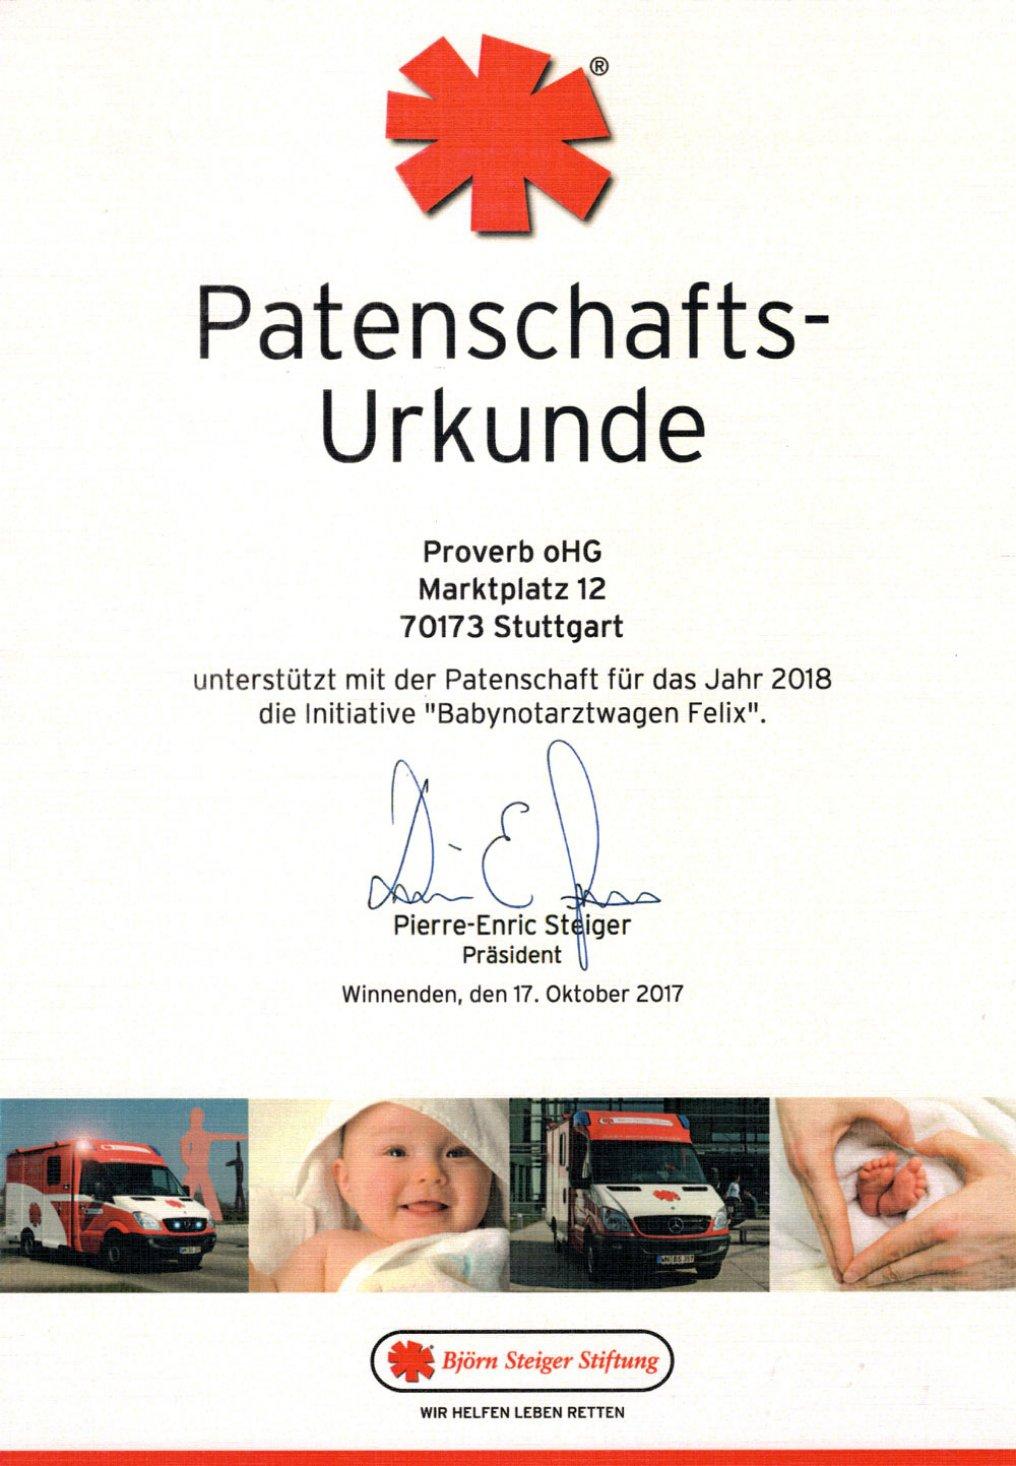 """Patenschaft für das Jahr 2018 die Initiative """"Babynotarztwagen Felix"""" der Björn Steiger Stiftung"""